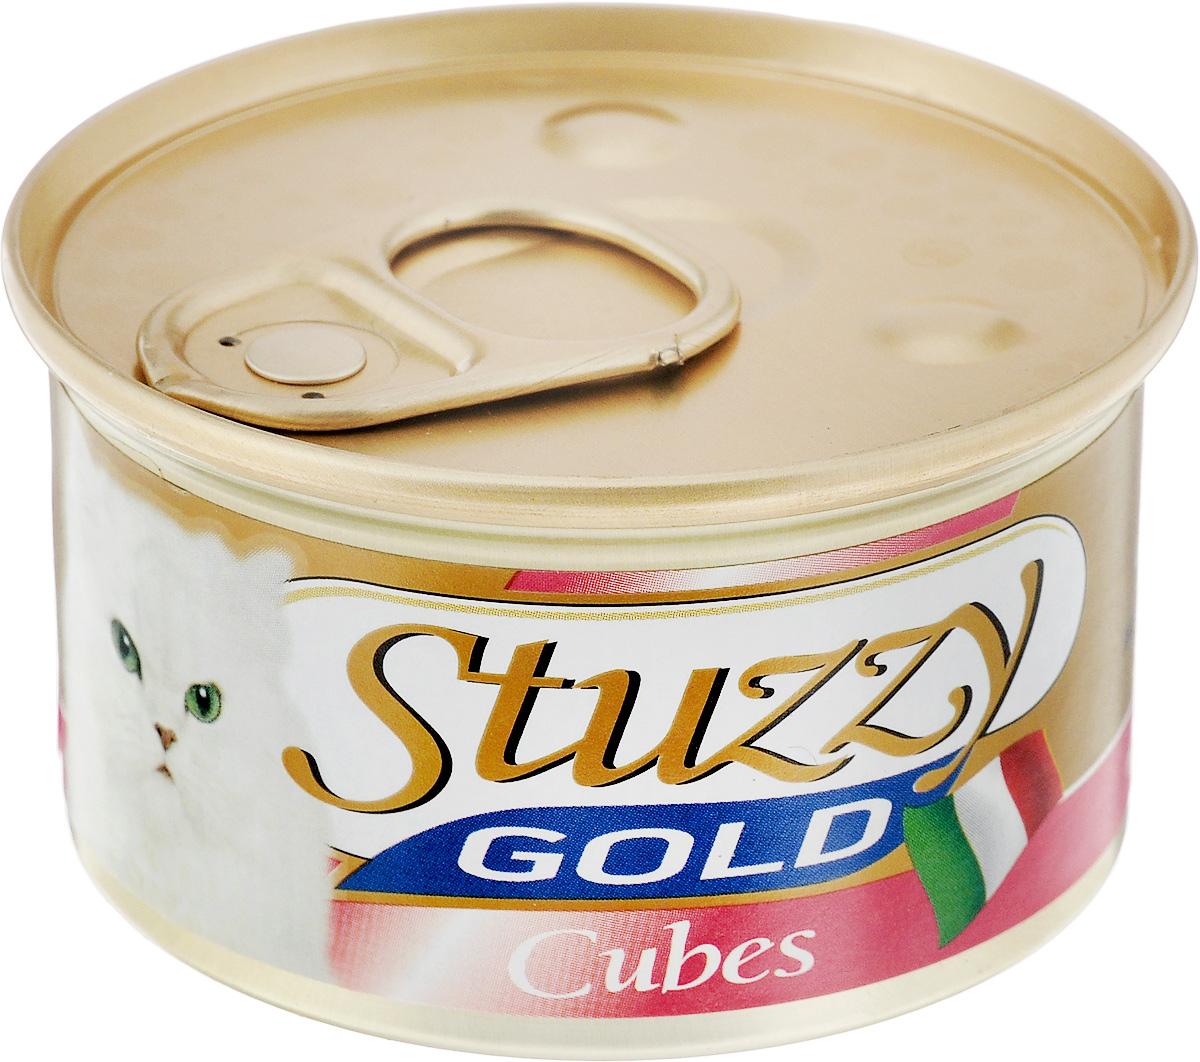 Консервы для взрослых кошек Stuzzy Gold, с курицей, 85 г консервы для взрослых кошек stuzzy gold с кроликом 85 г